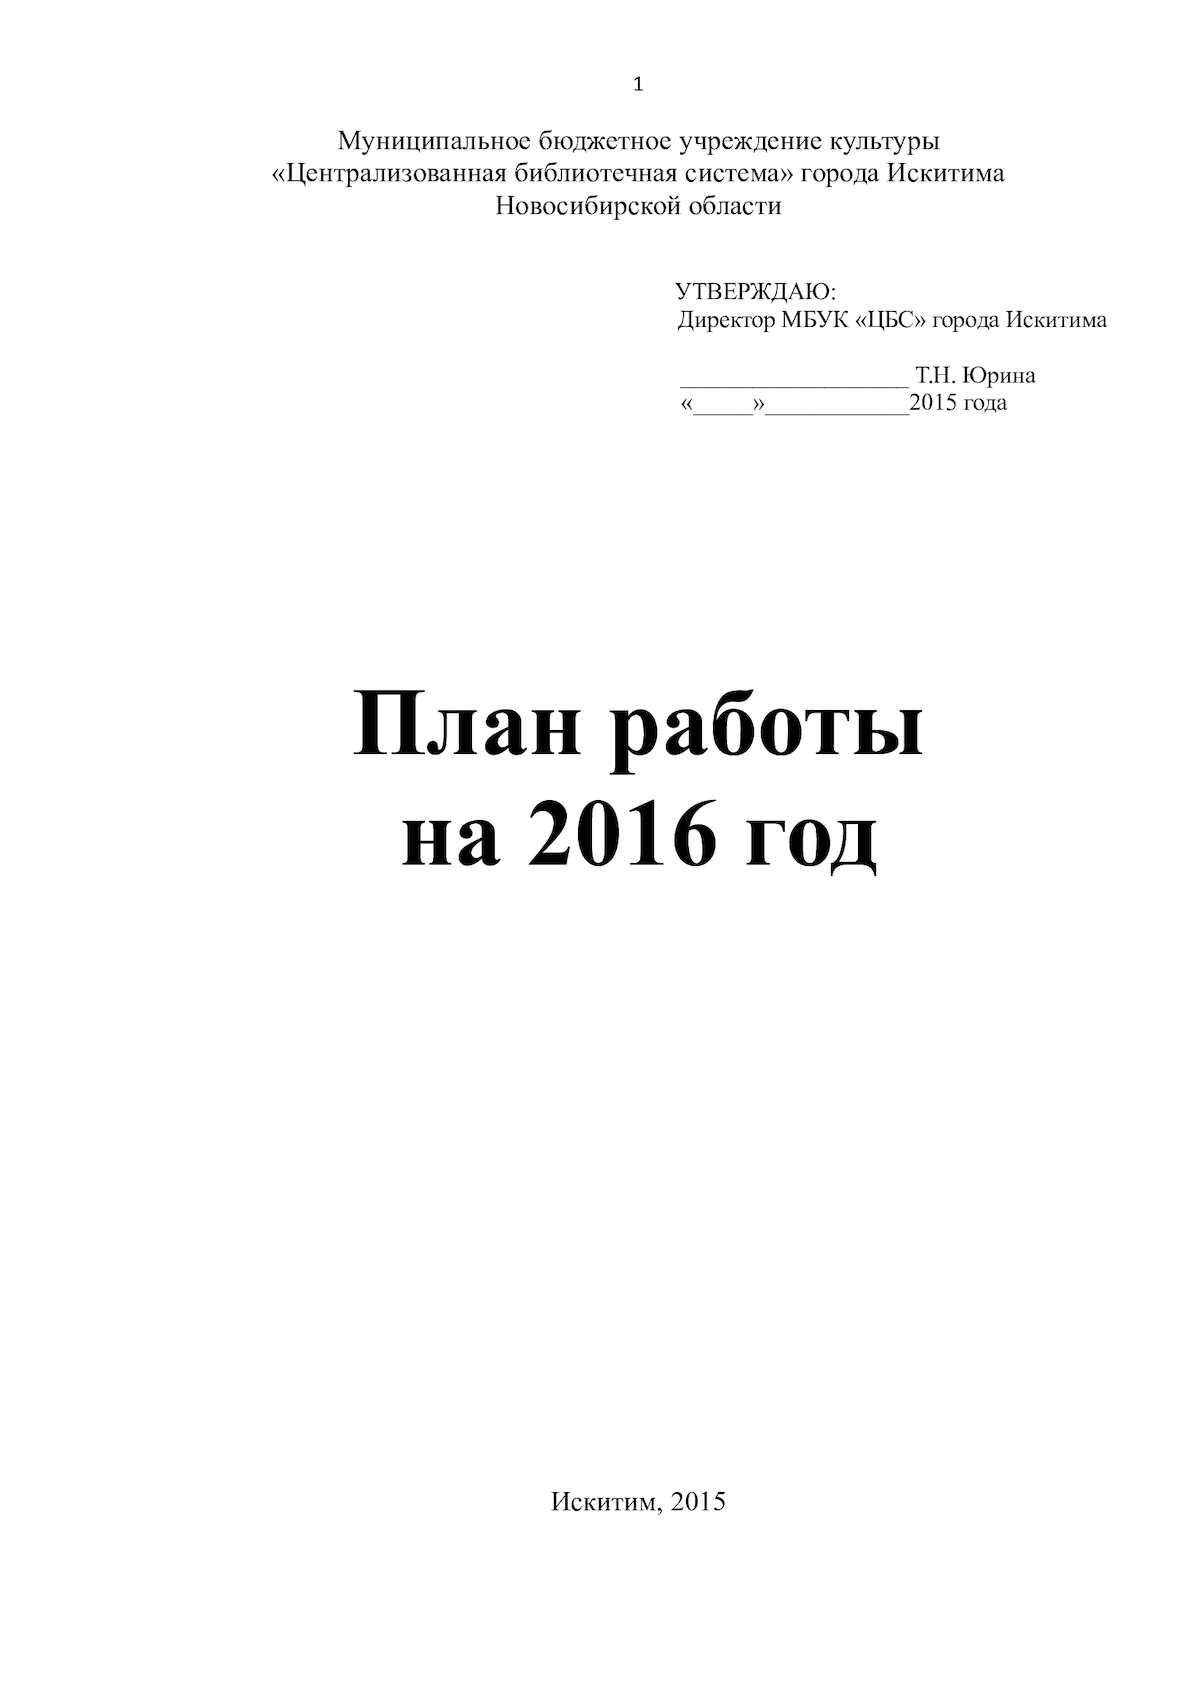 ПЛАН 2016